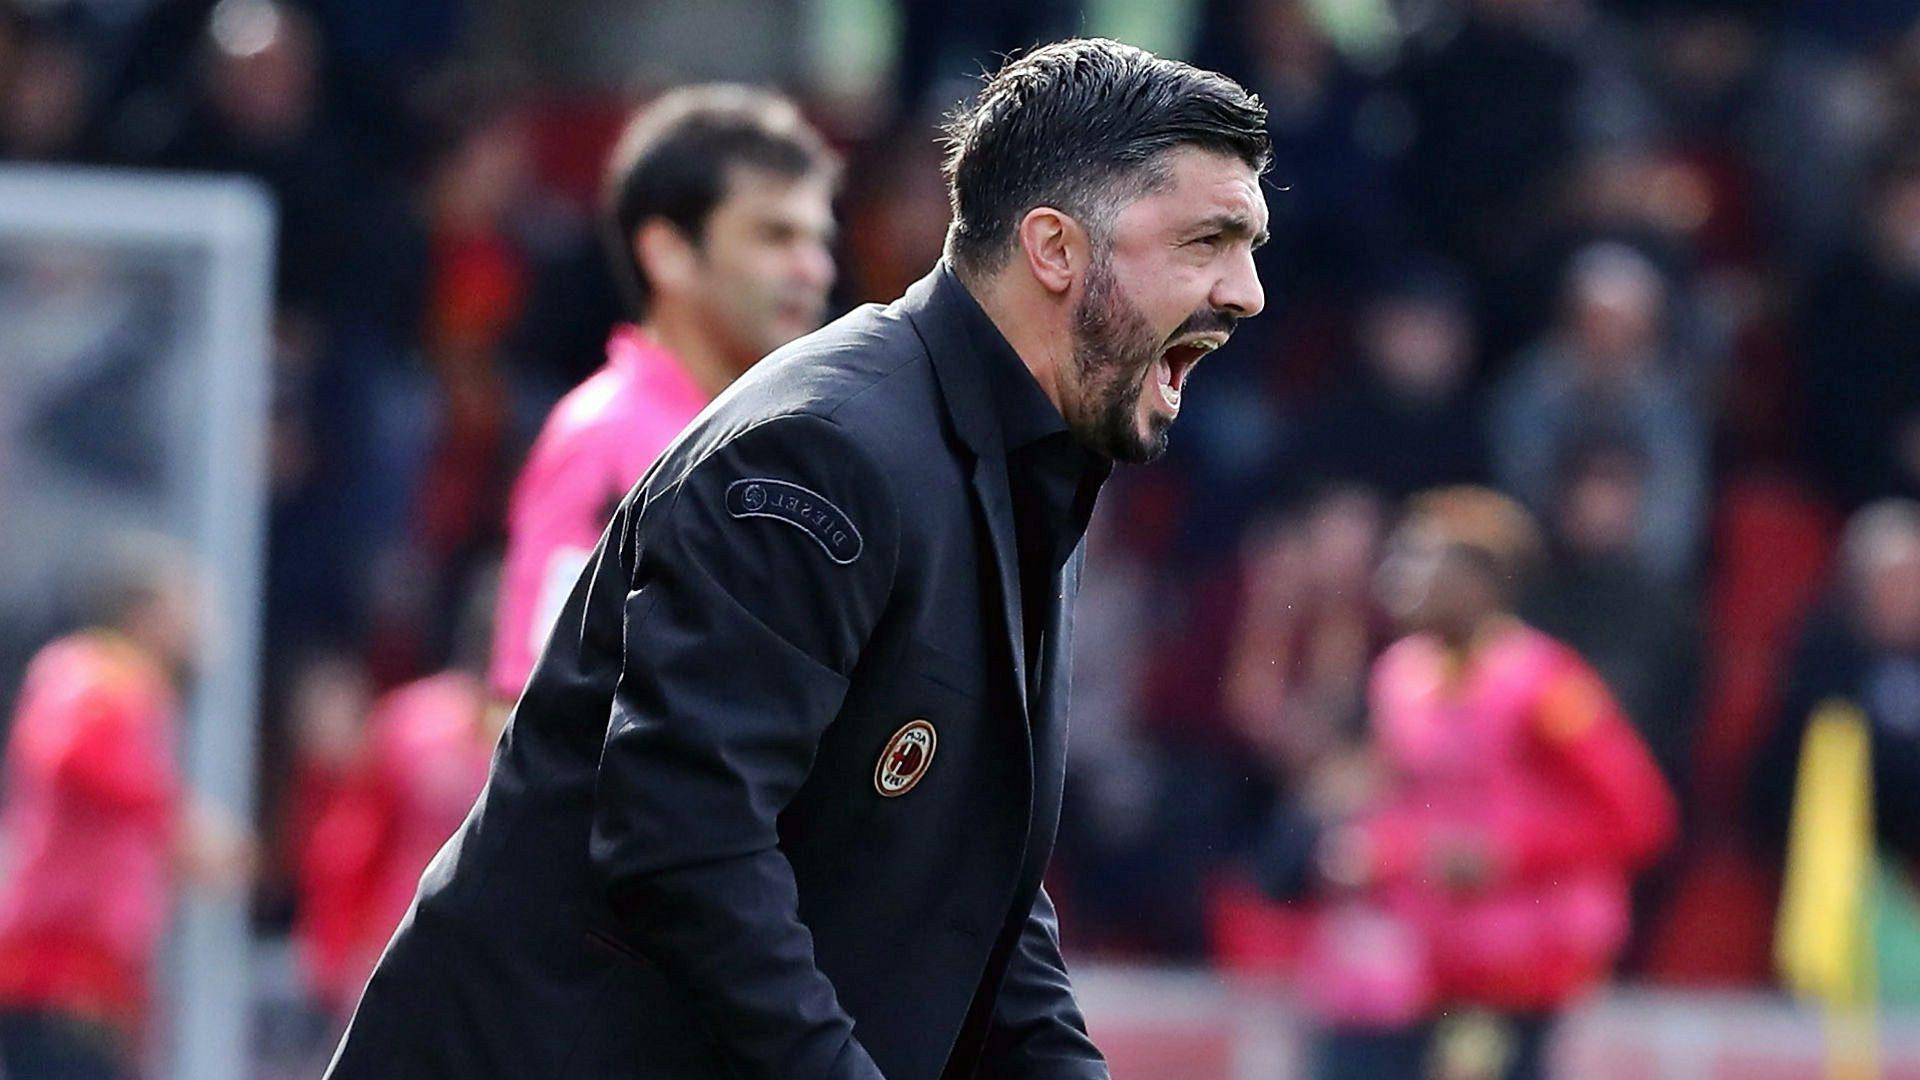 """Joao Pedro spaventa il Milan, Higuain evita ko. Gattuso: """"Abbiamo un problema"""""""